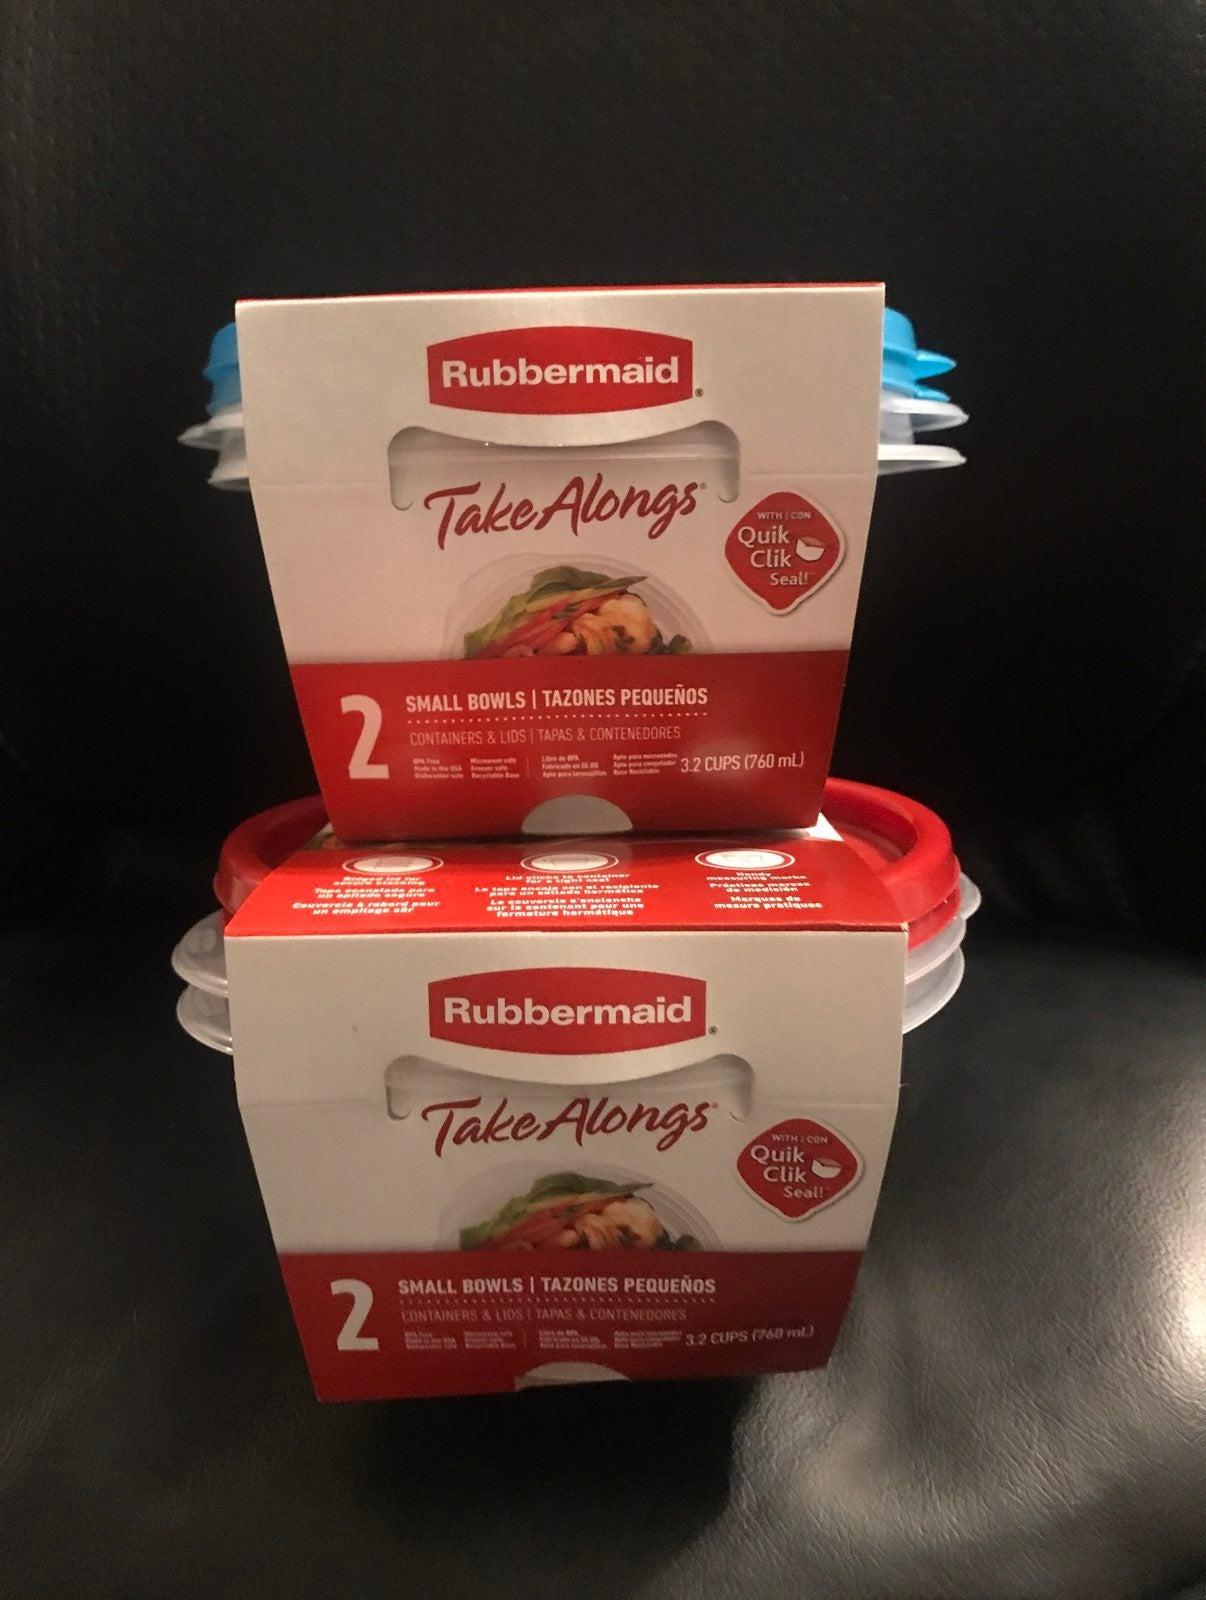 Rubbermaid Food Storage Bundle of 2 pack